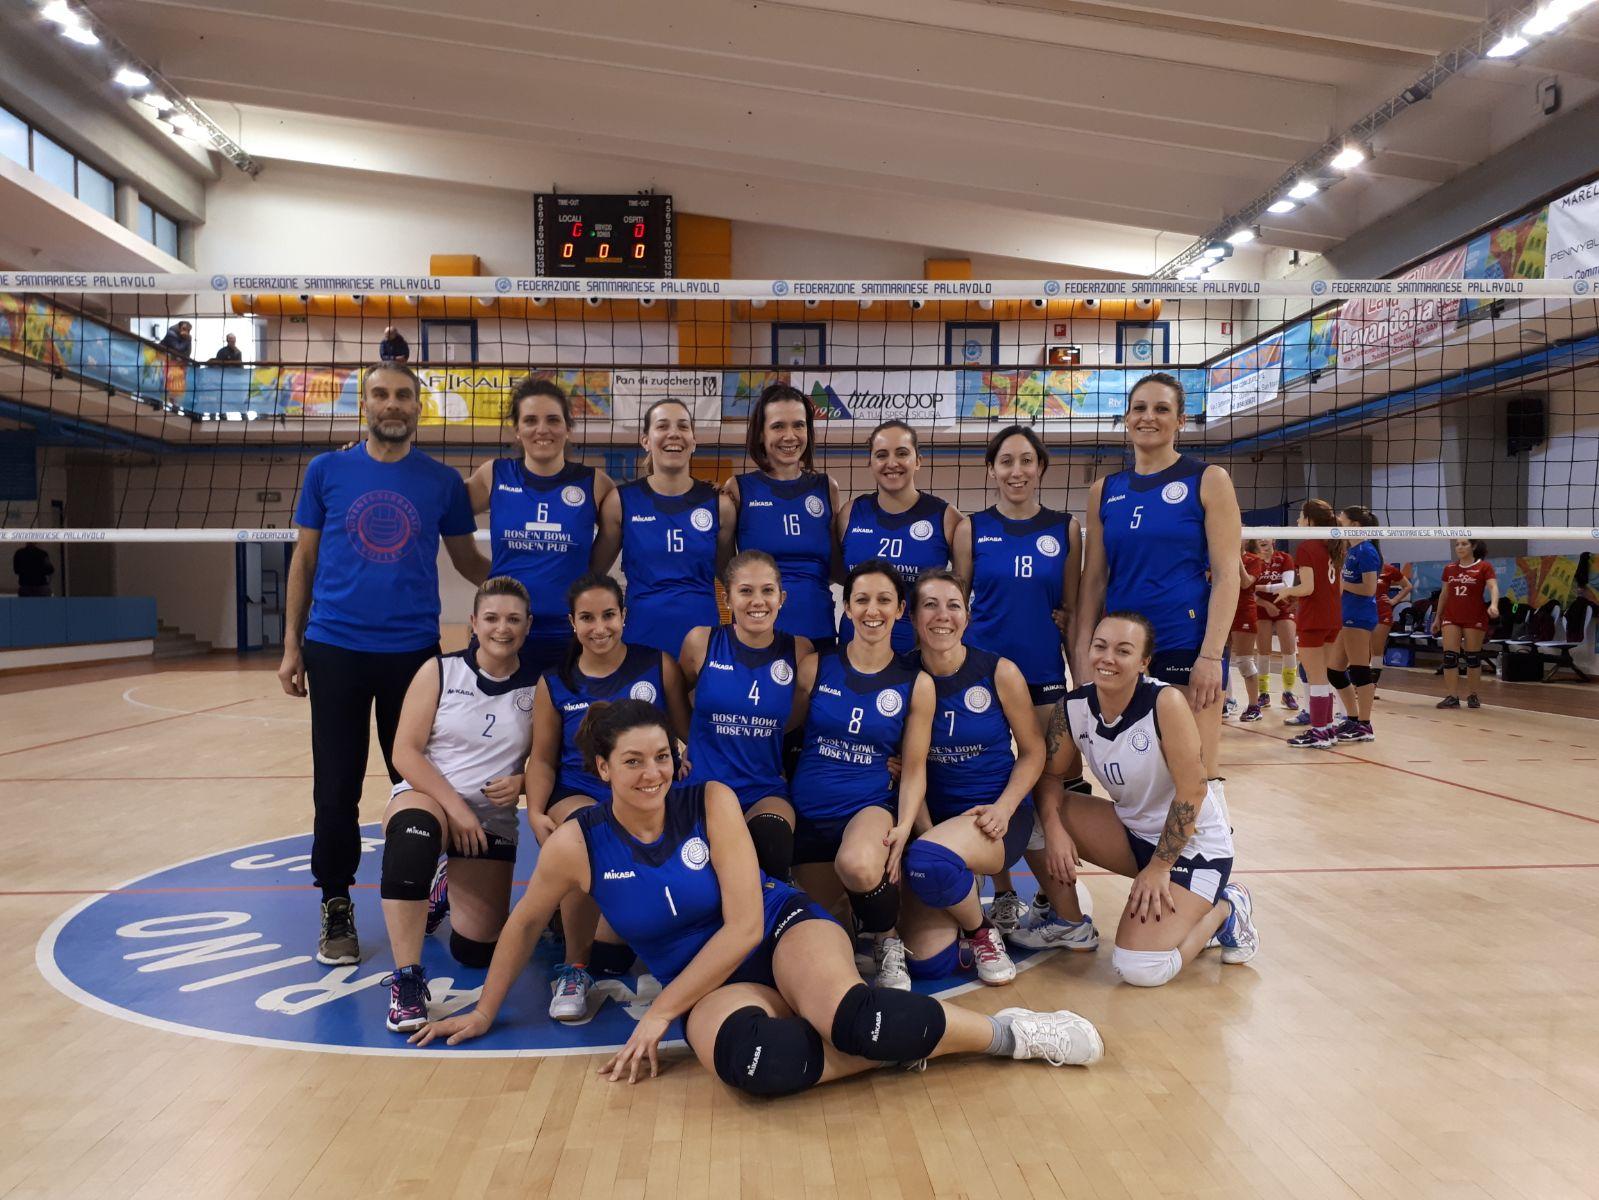 Juvenes Volley: ottimi risultati alla Coppa Emilia Romagna 2018